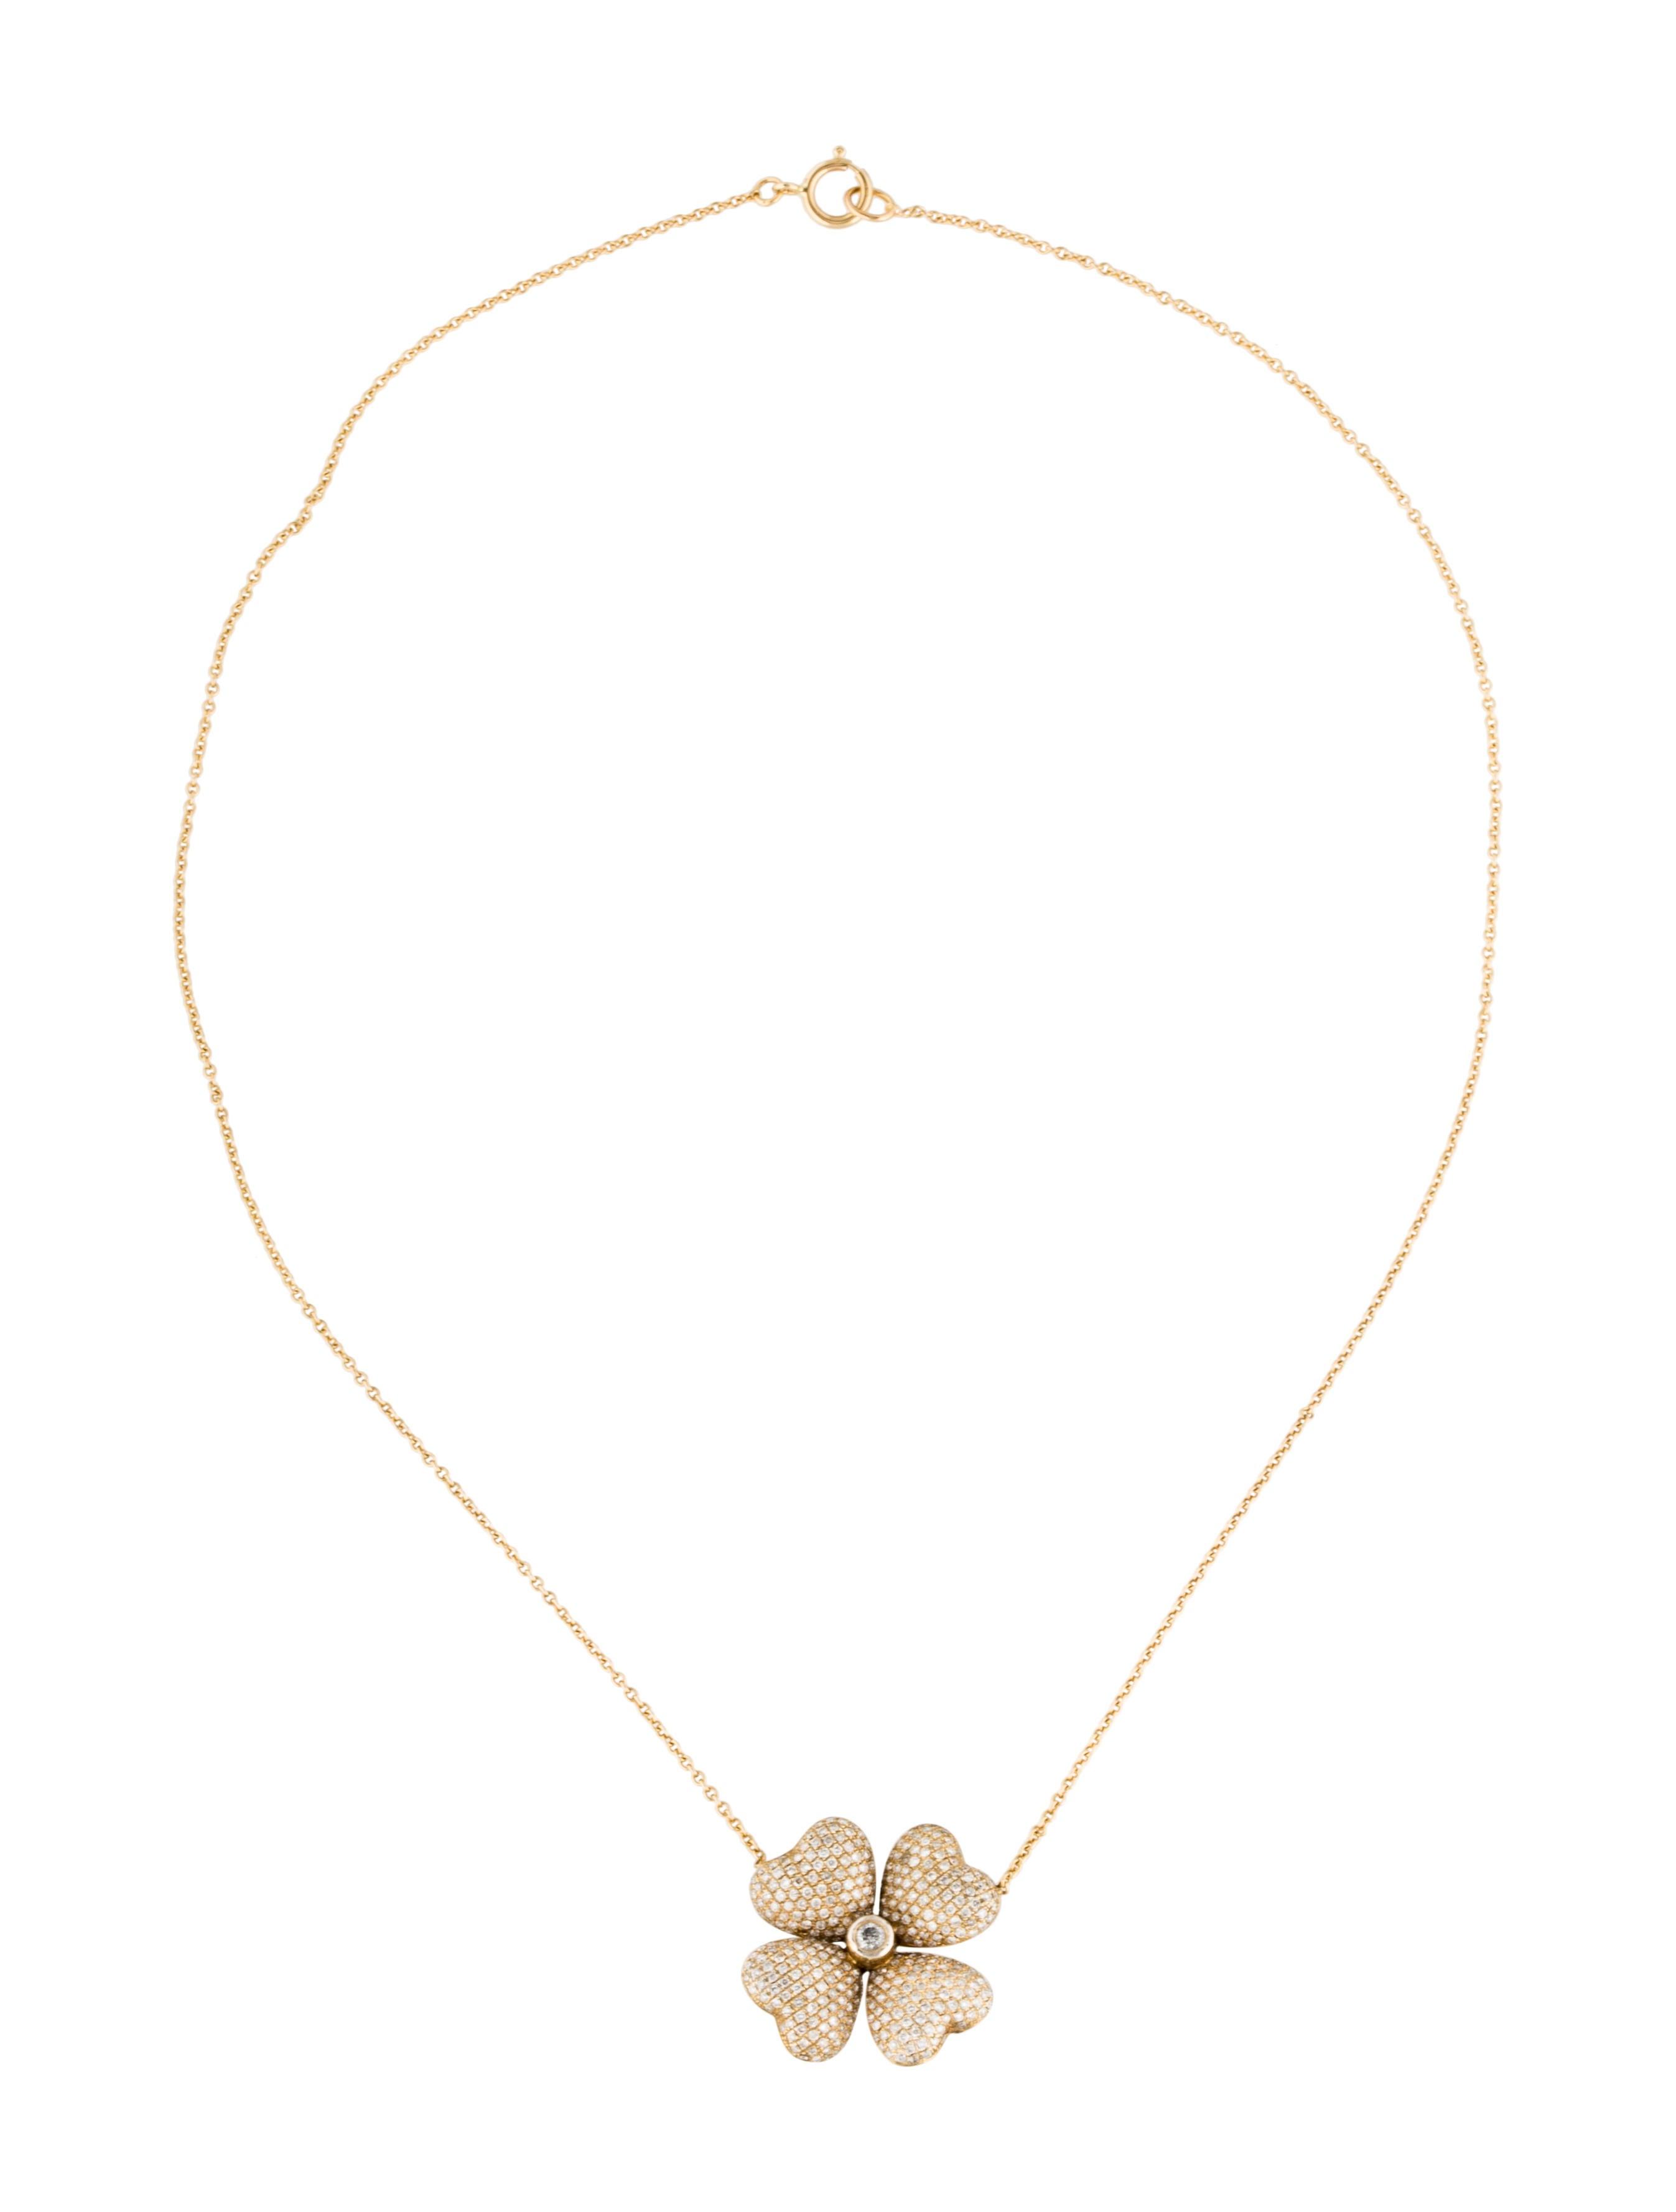 14k Diamond Clover Pendant Necklace Necklaces